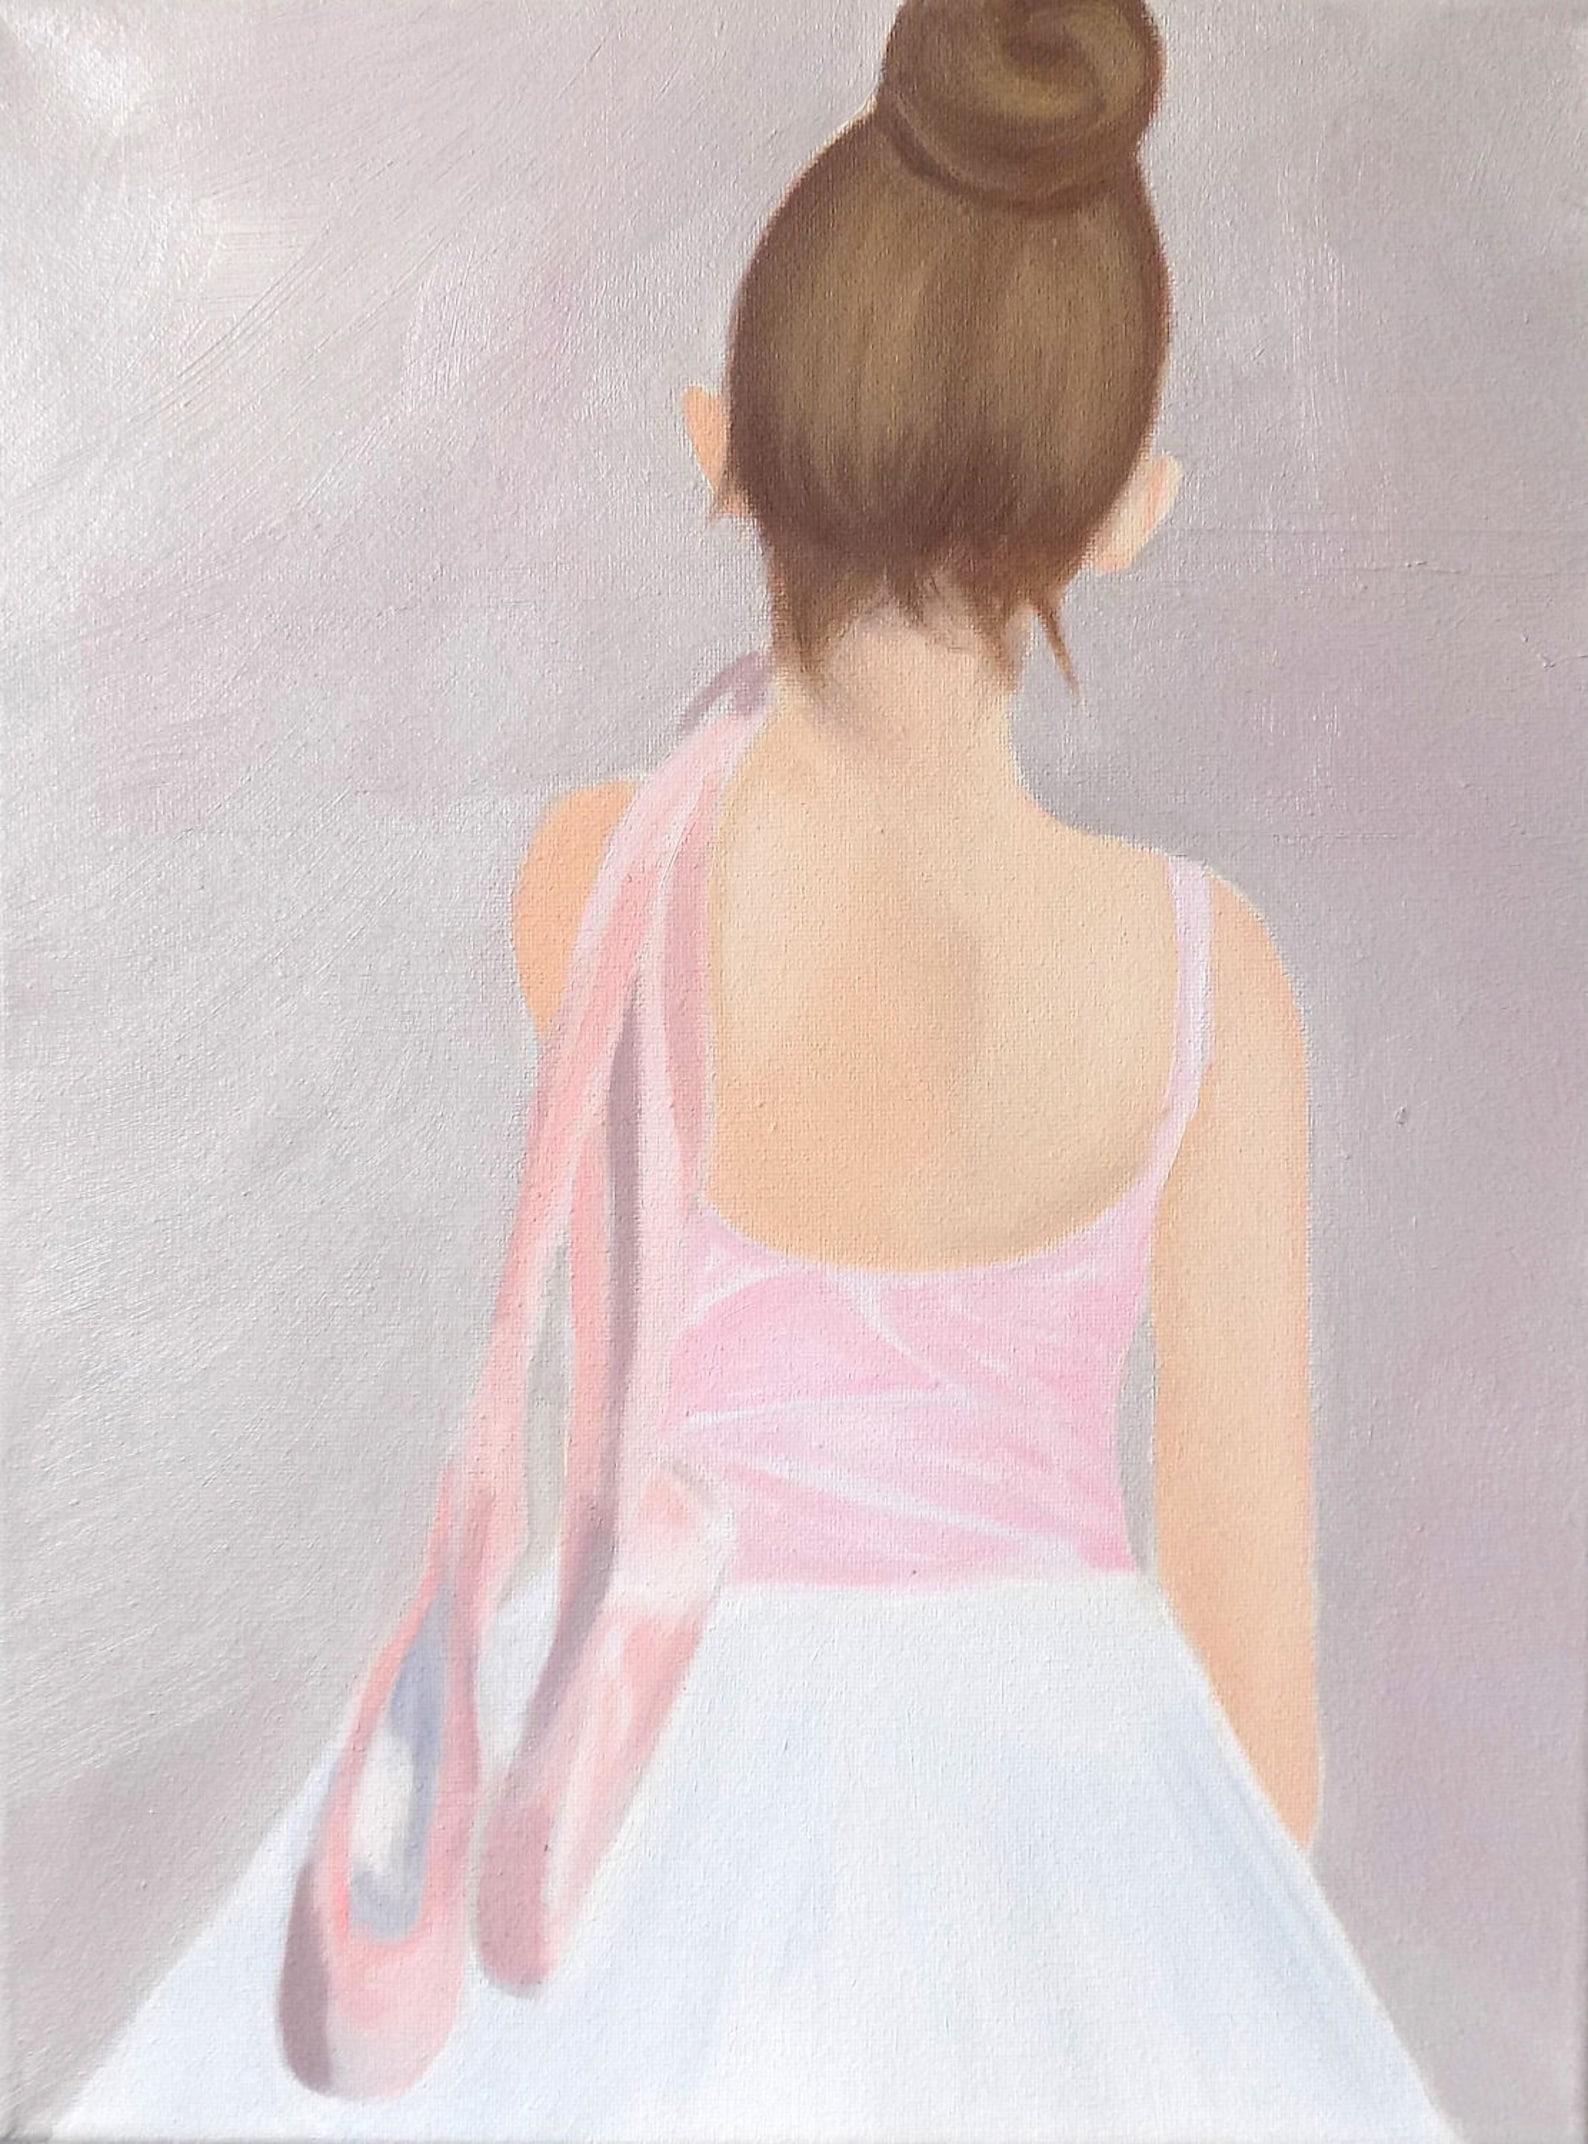 ballet note cards, 4.5 x 6, original art, oil painting, ballerina painting, dance cards, painting cards, children's art, bal